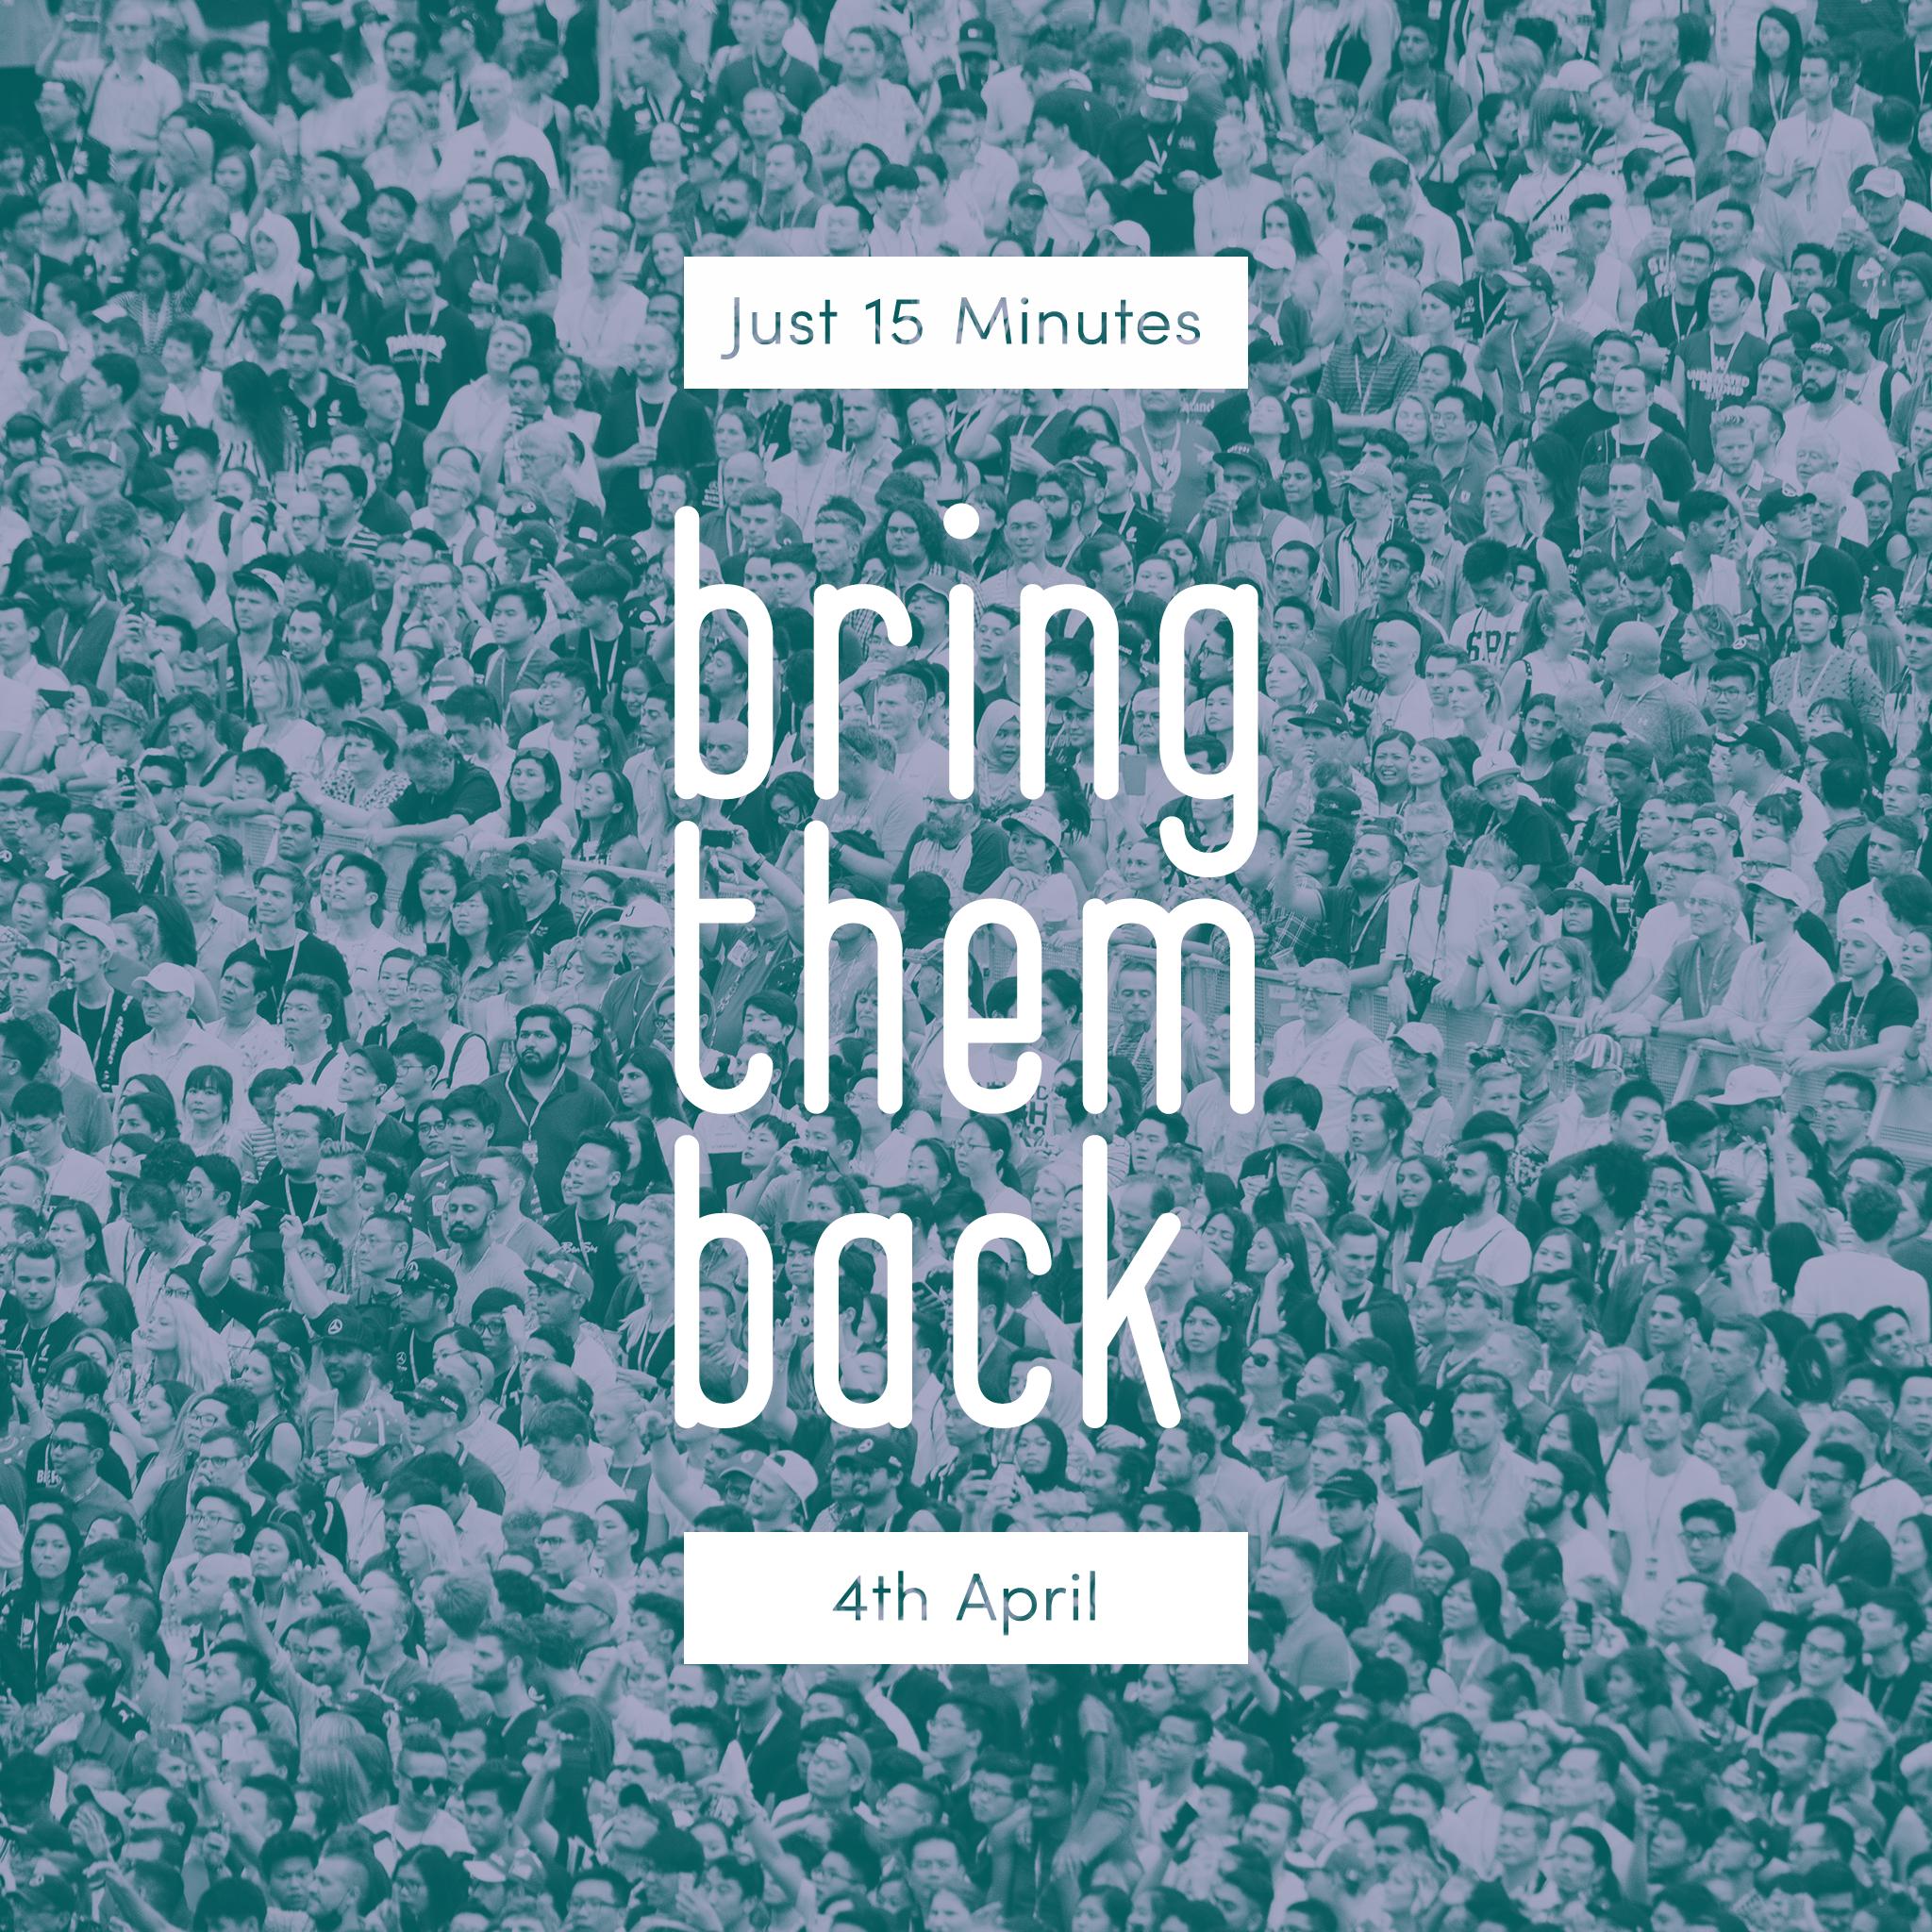 4th April - Just 15 Minutes